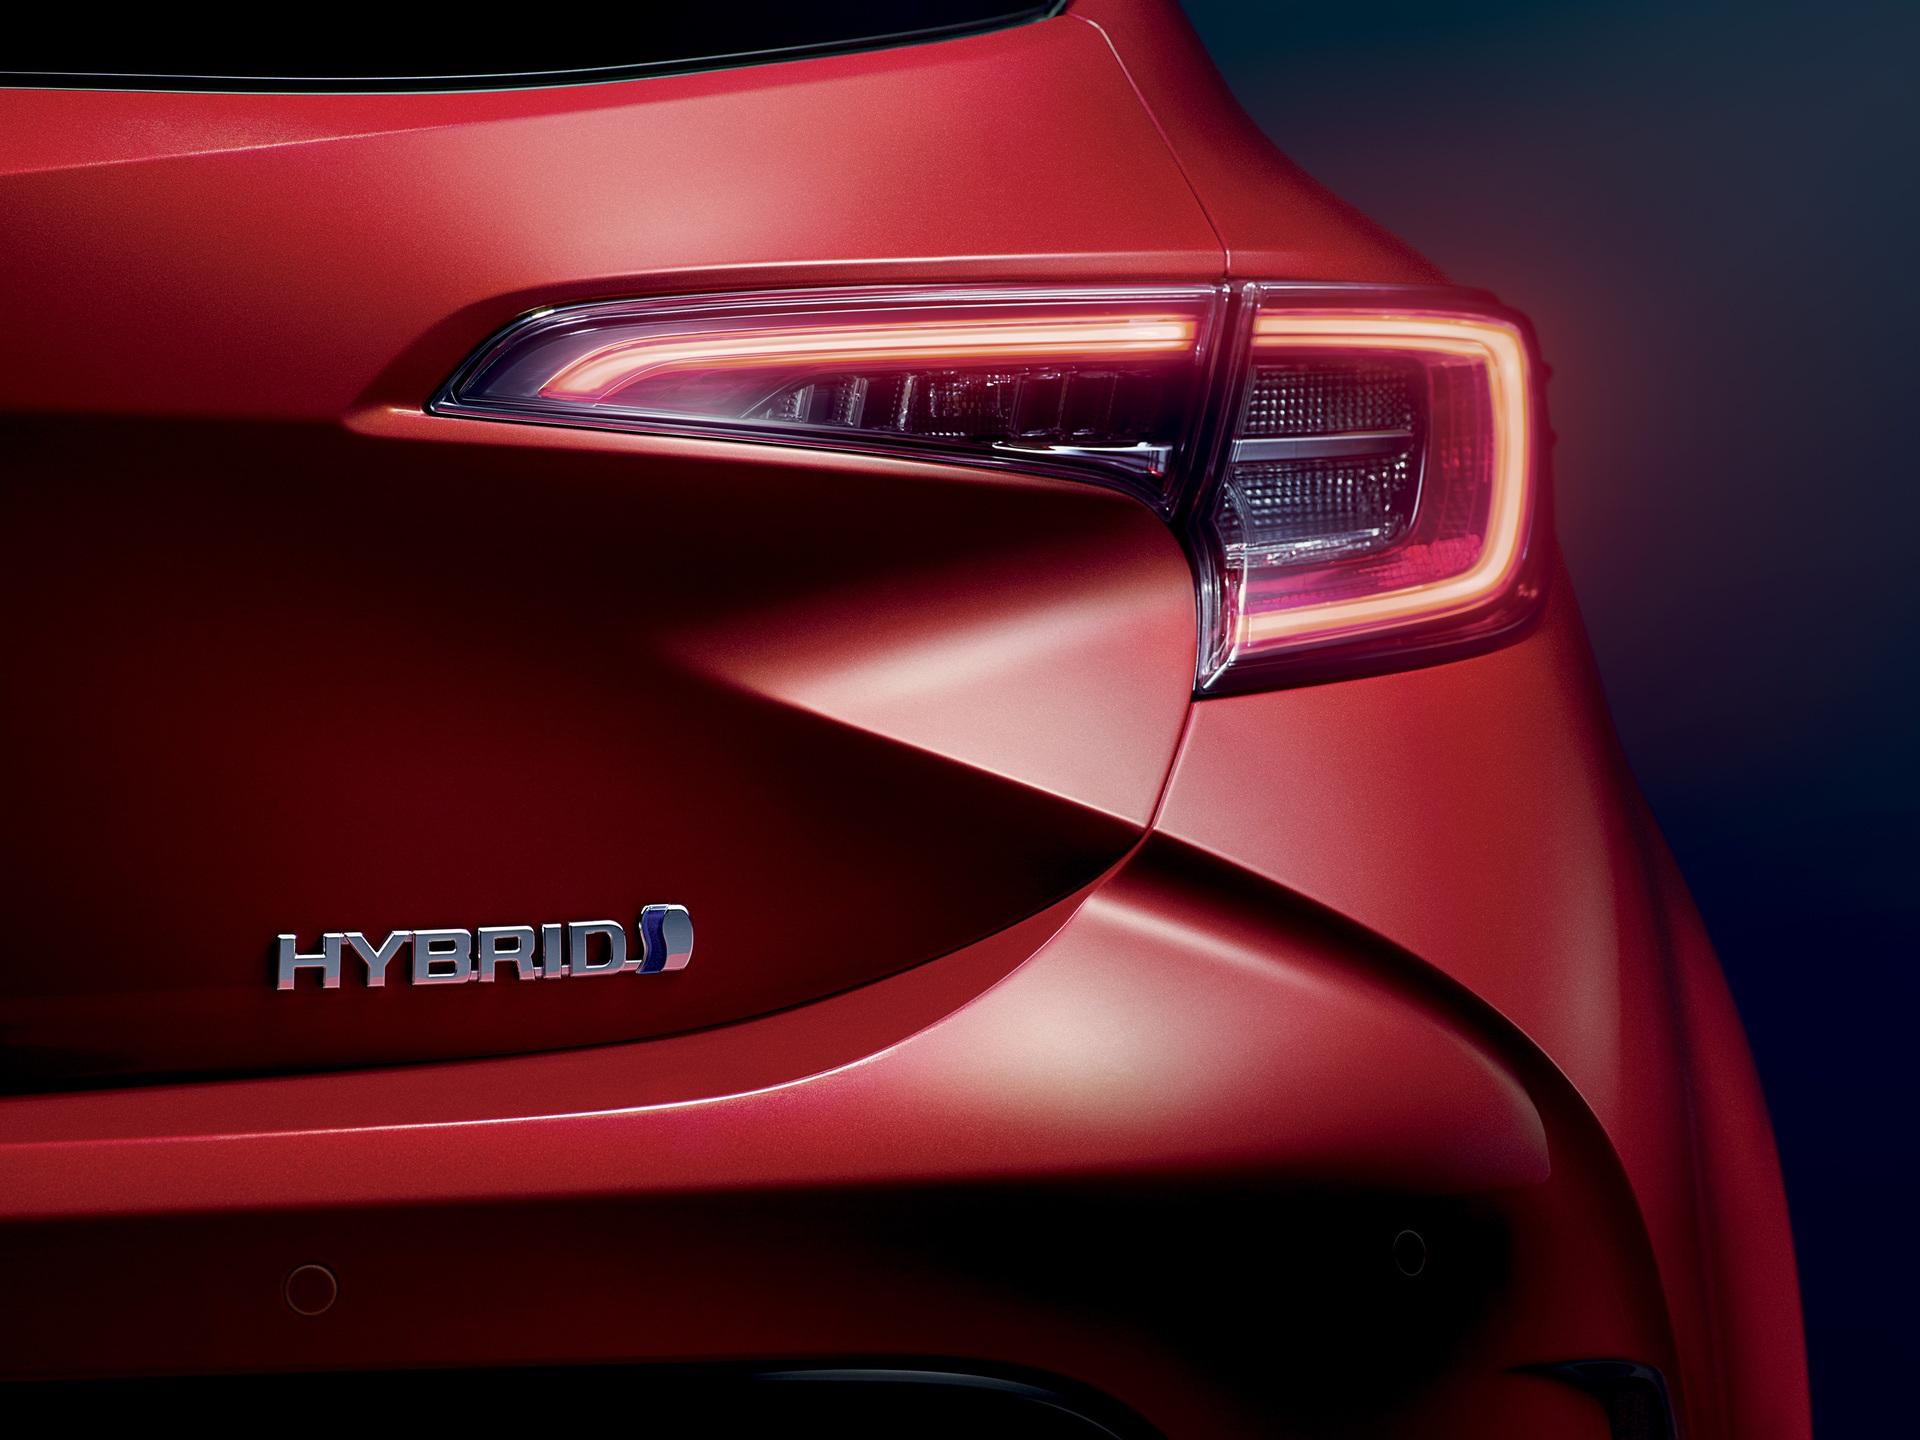 2019_Toyota_Corolla_Hatchback_05